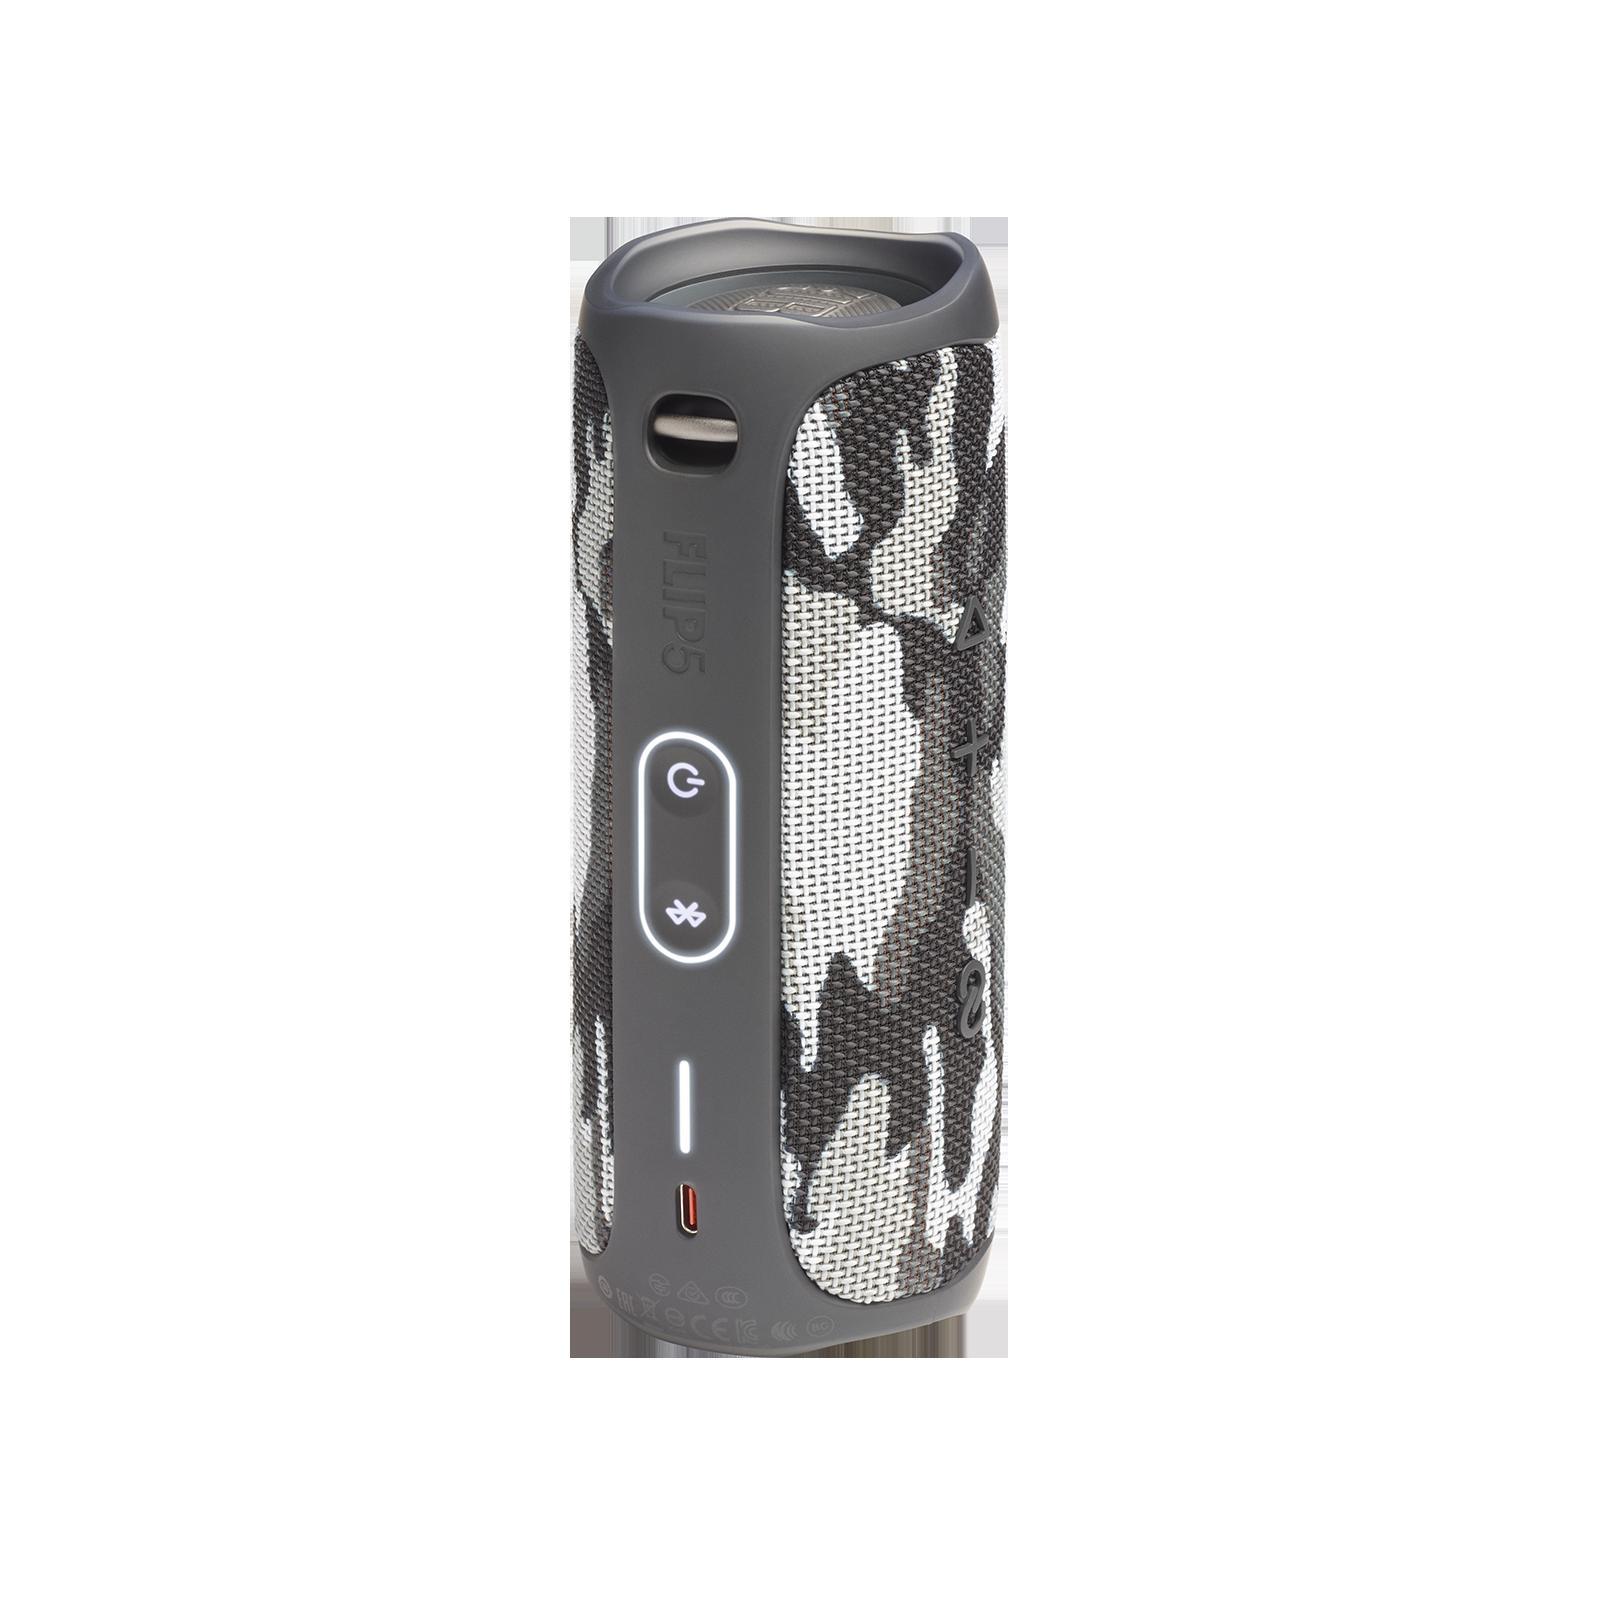 JBL FLIP 5 - Black Camo - Portable Waterproof Speaker - Back